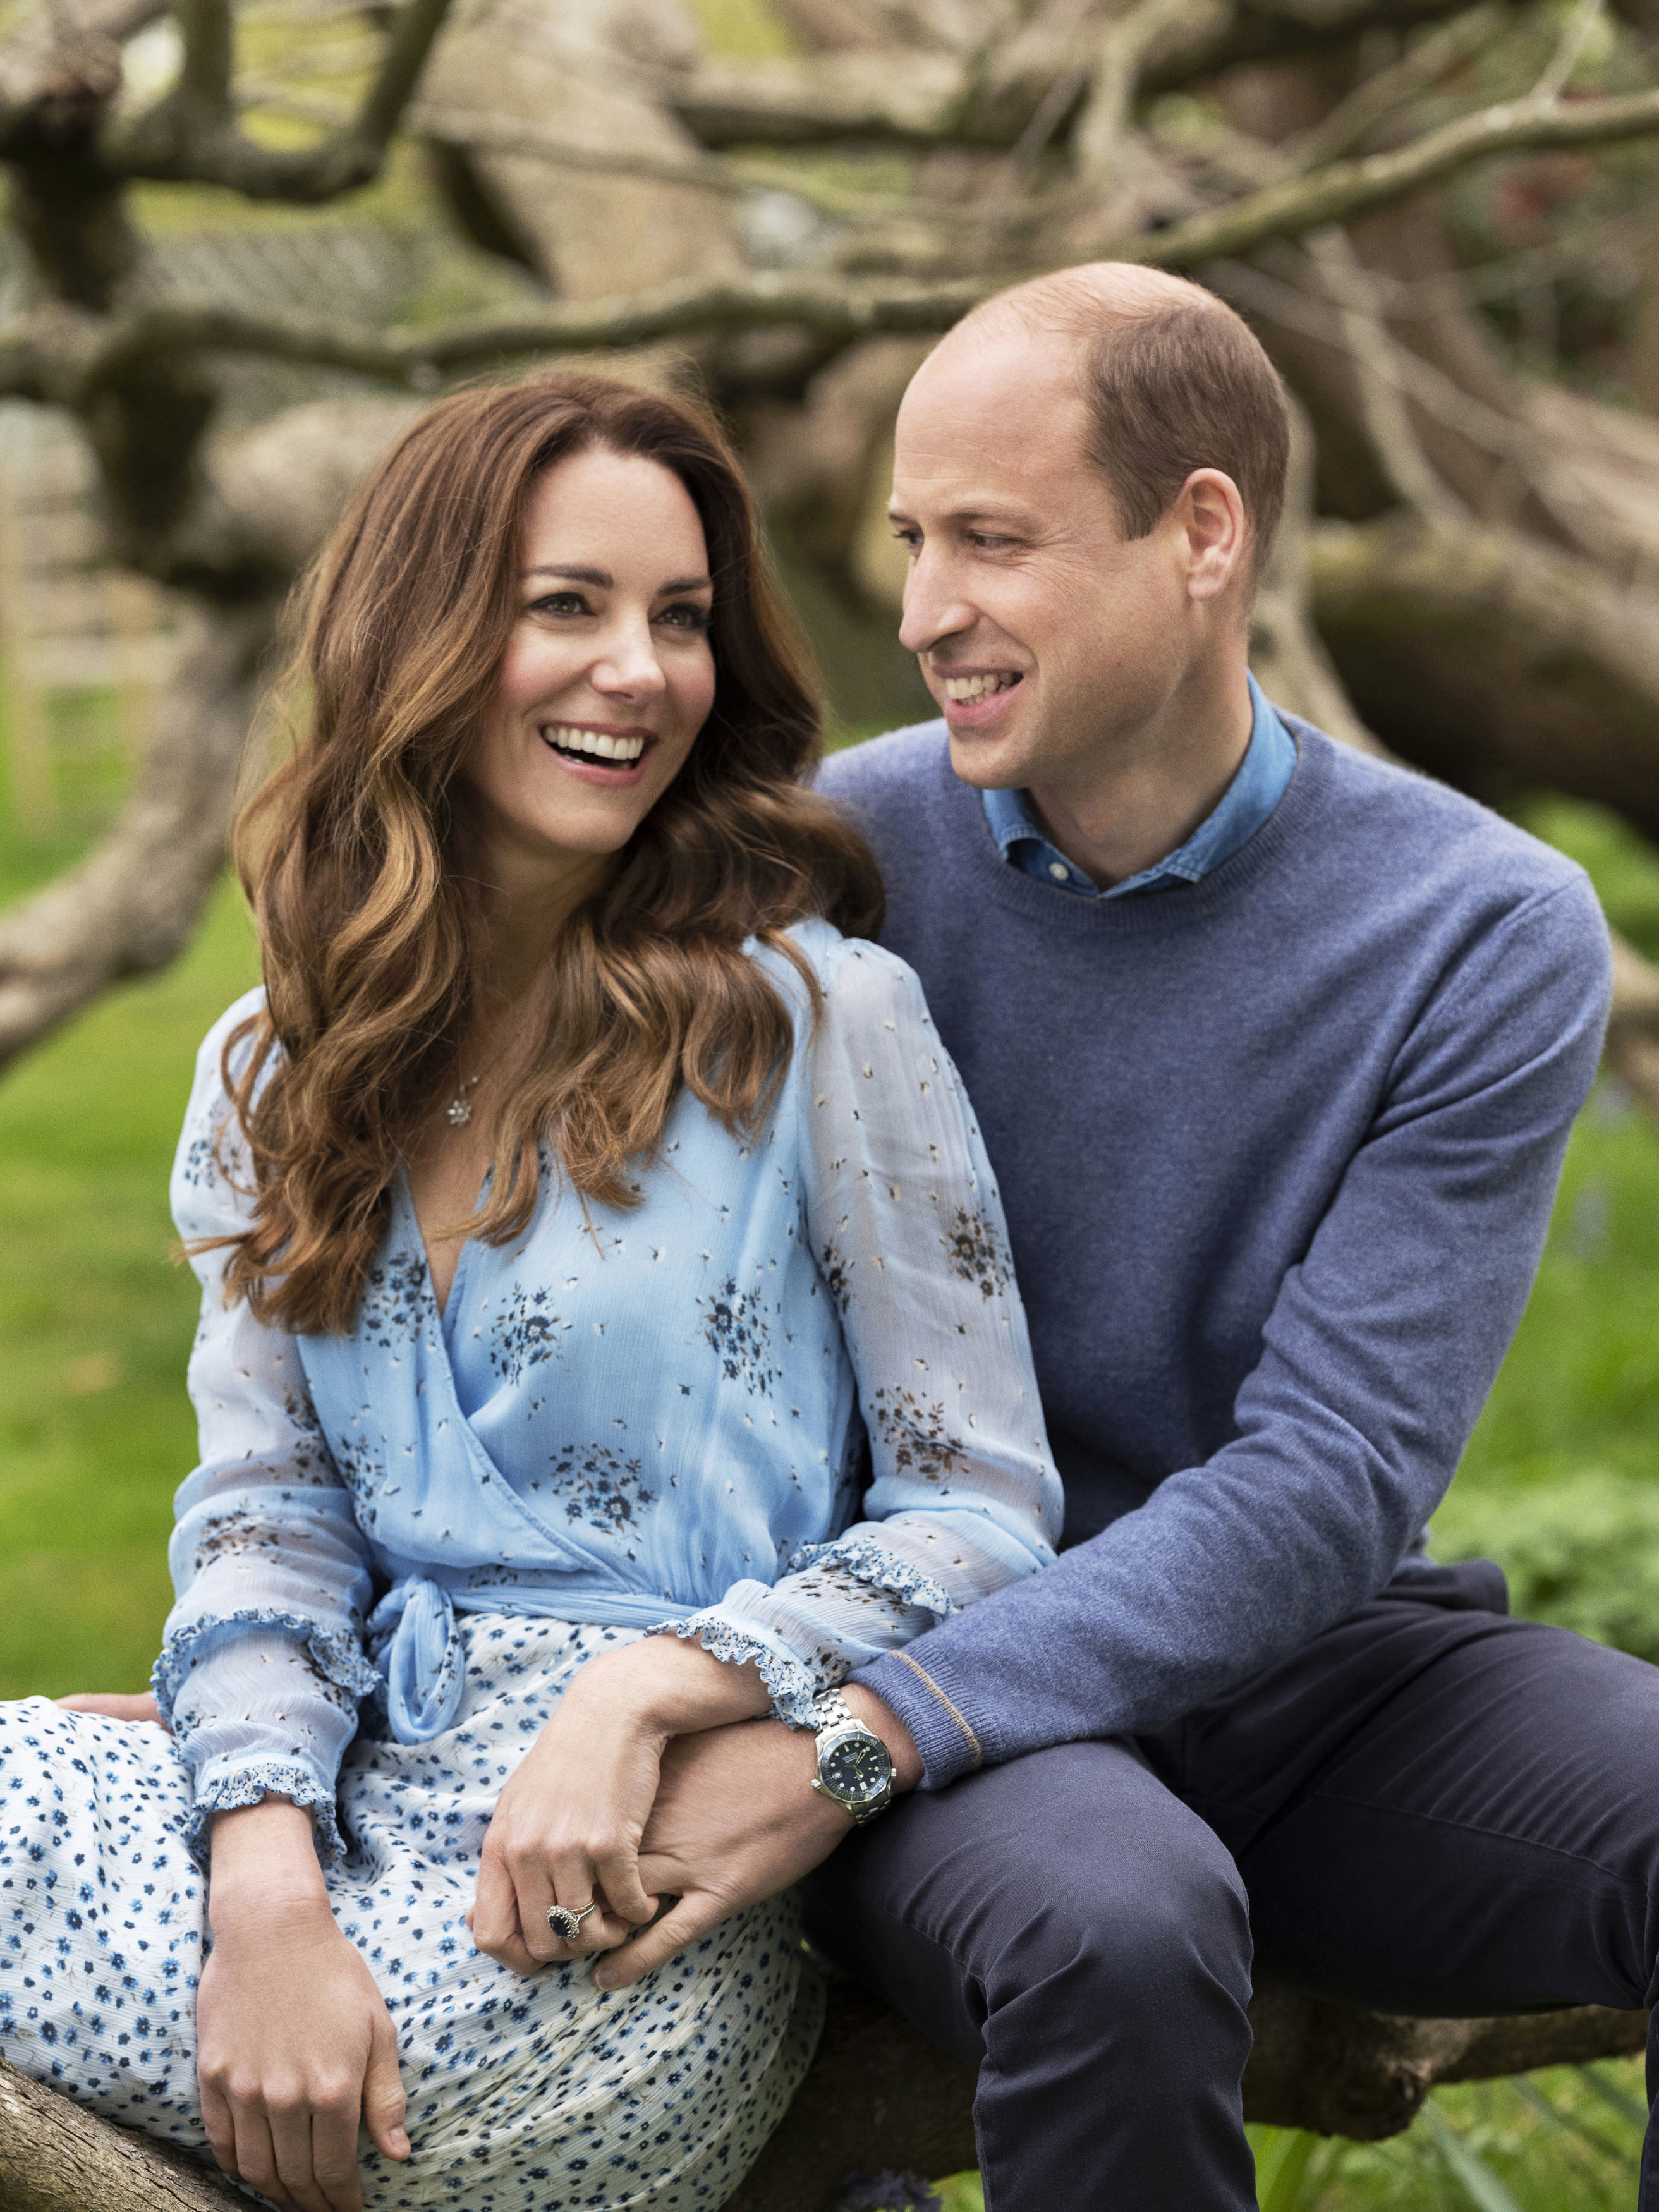 El Palacio de Buckingham festeja la unión matrimonial de 10 años del príncipe William y Kate, un romance que cuenta con el apoyo de los ingleses.